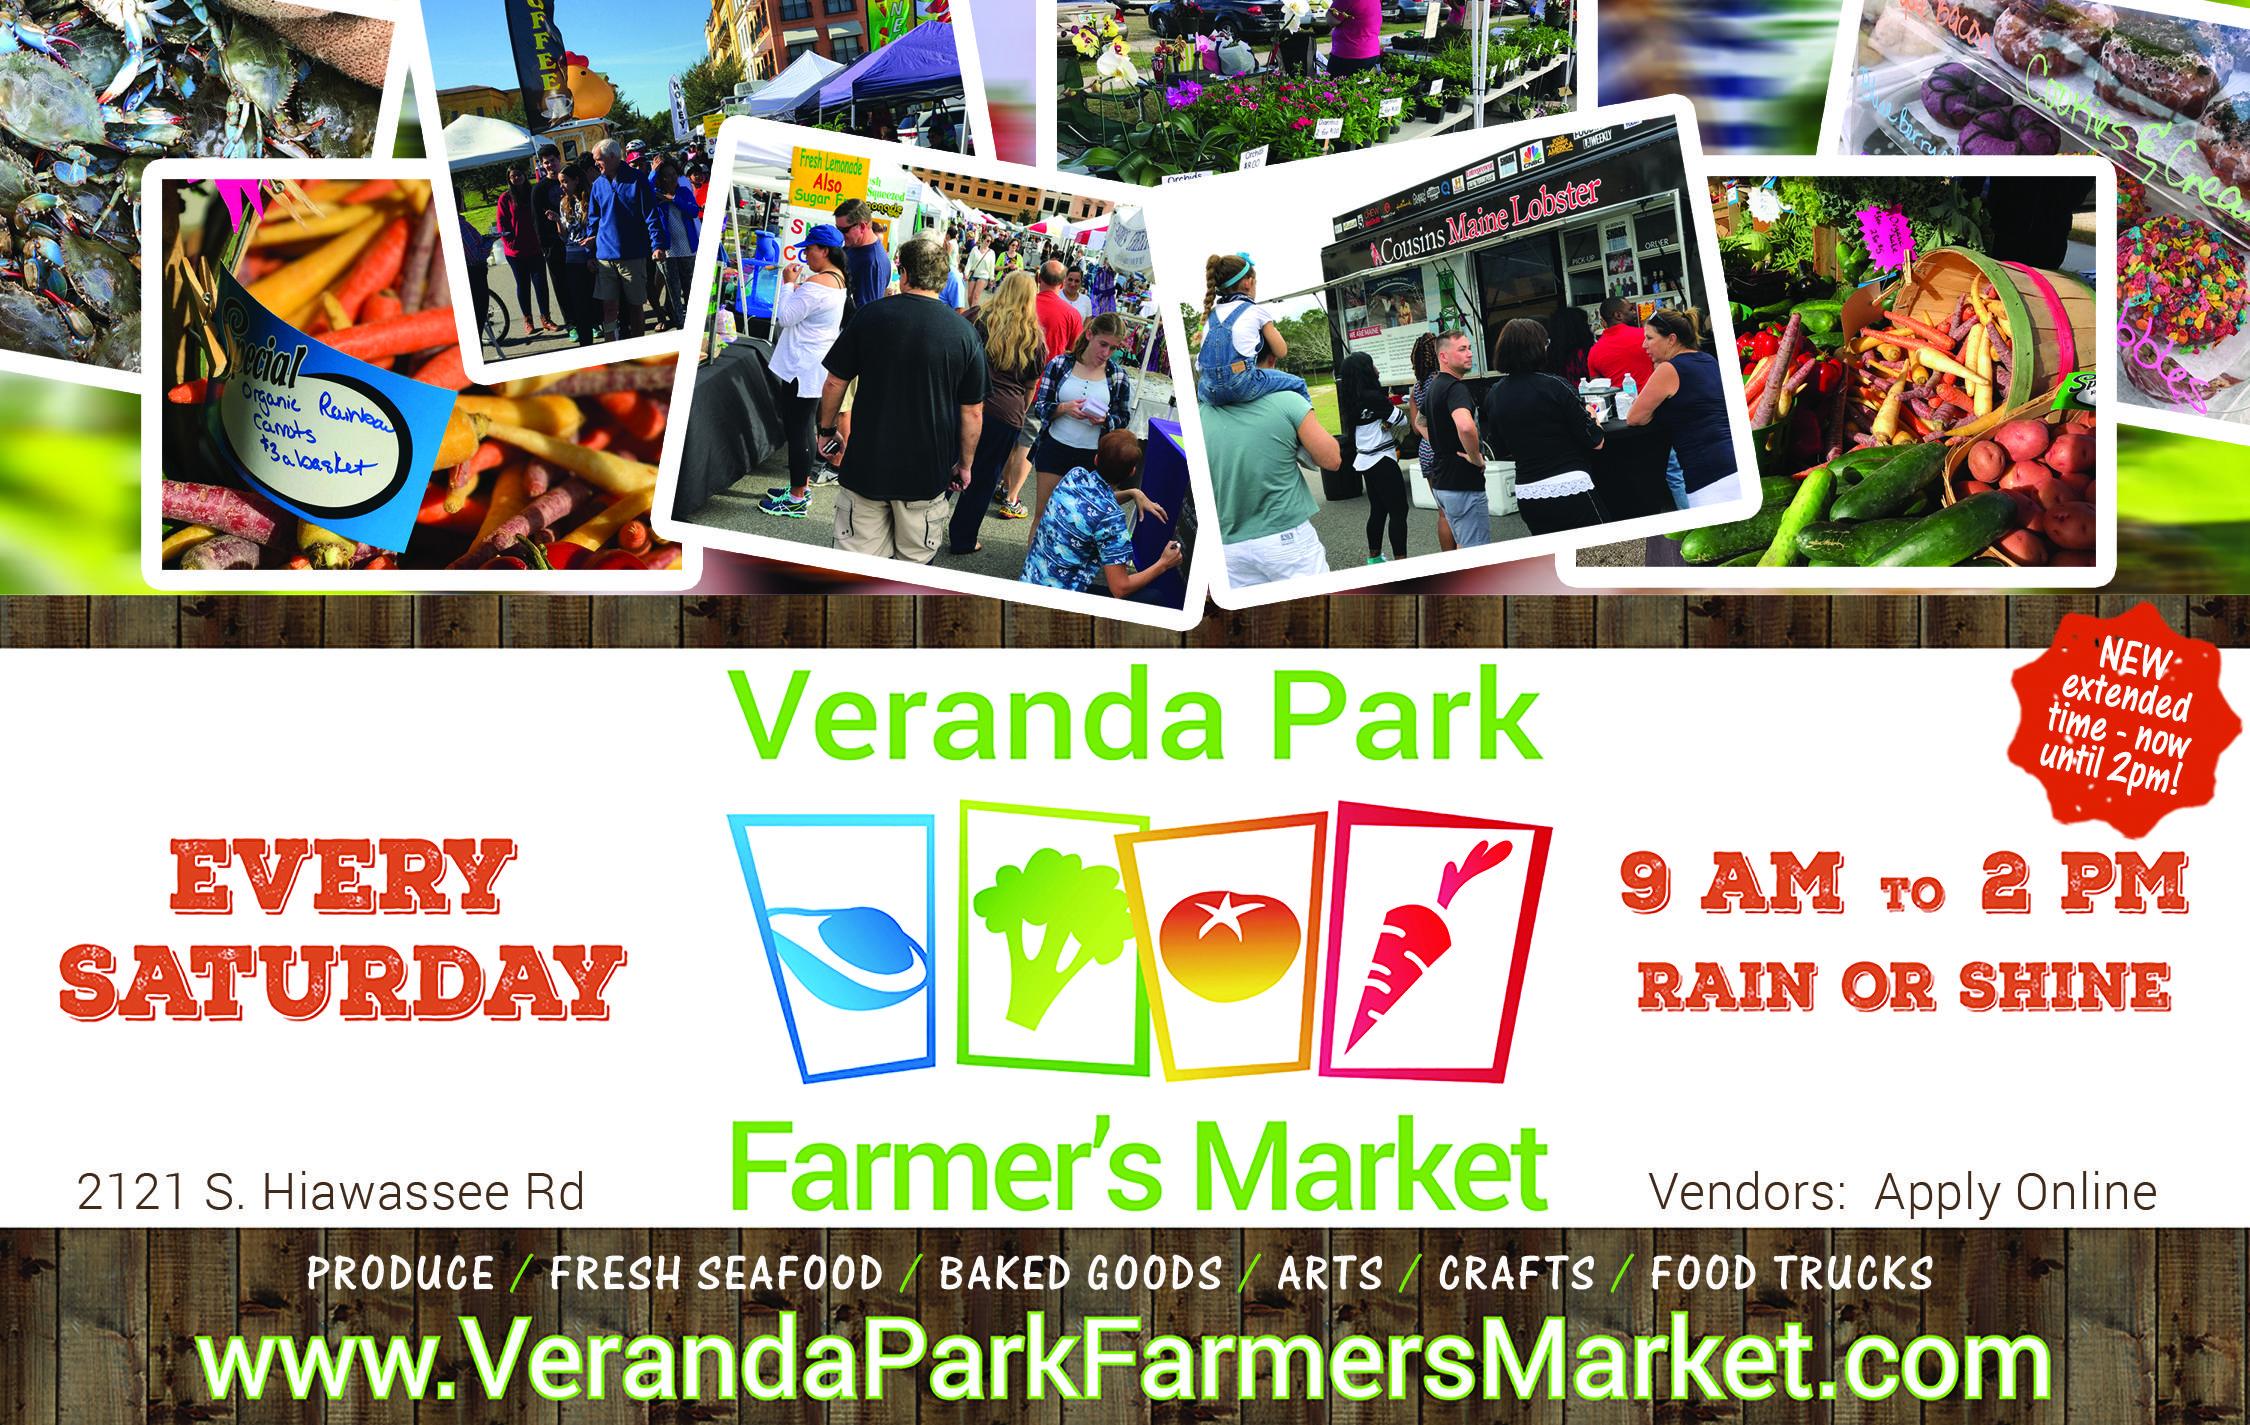 Veranda Park Farmer's Market. Veranda Park Farmer's Market